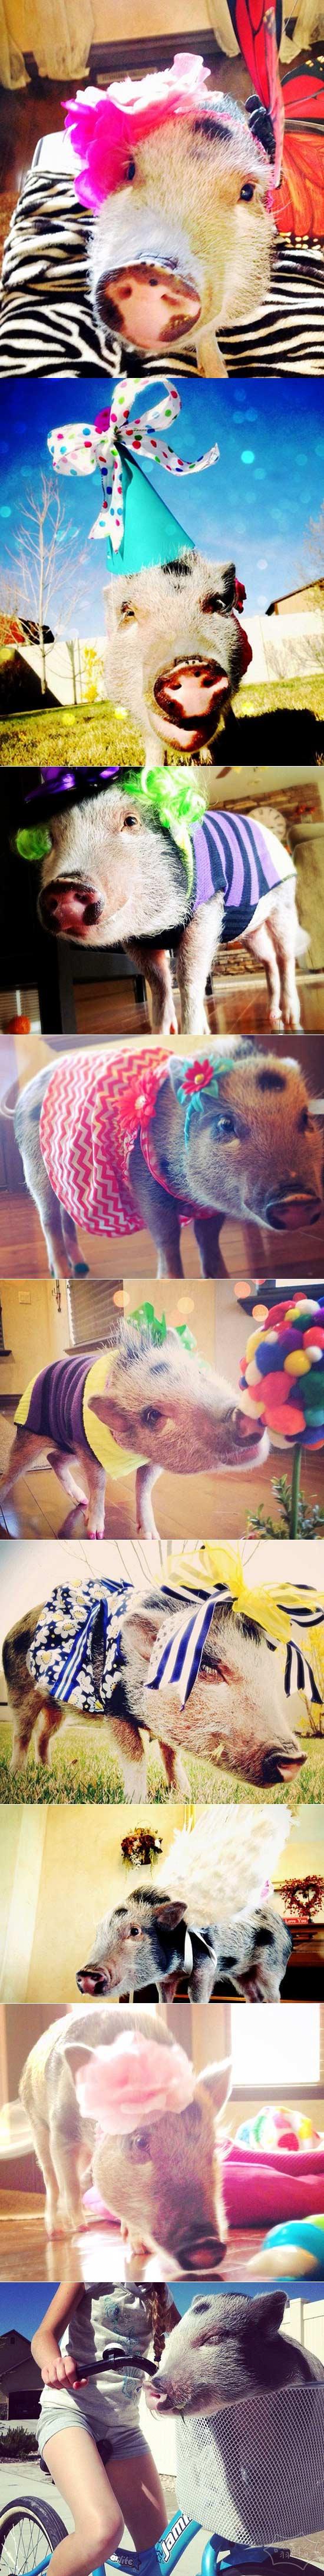 时髦的小猪,Instagram上有43000追随者